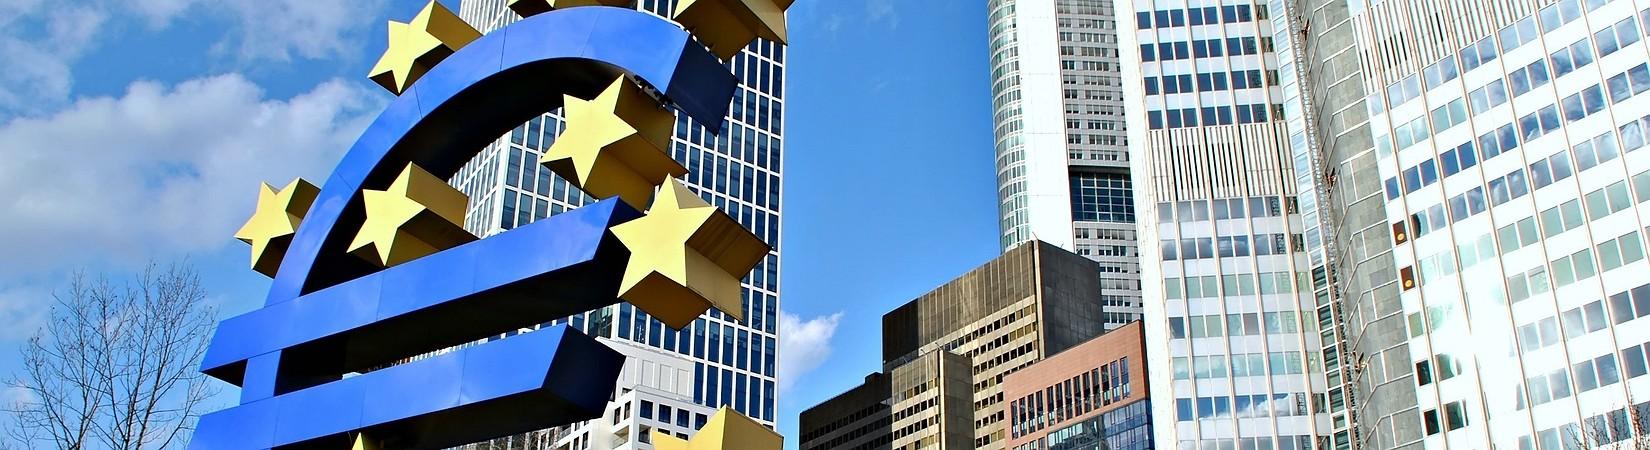 Обзор рынка: Европейские индексы растут, в центре внимания выступление главы ЕЦБ